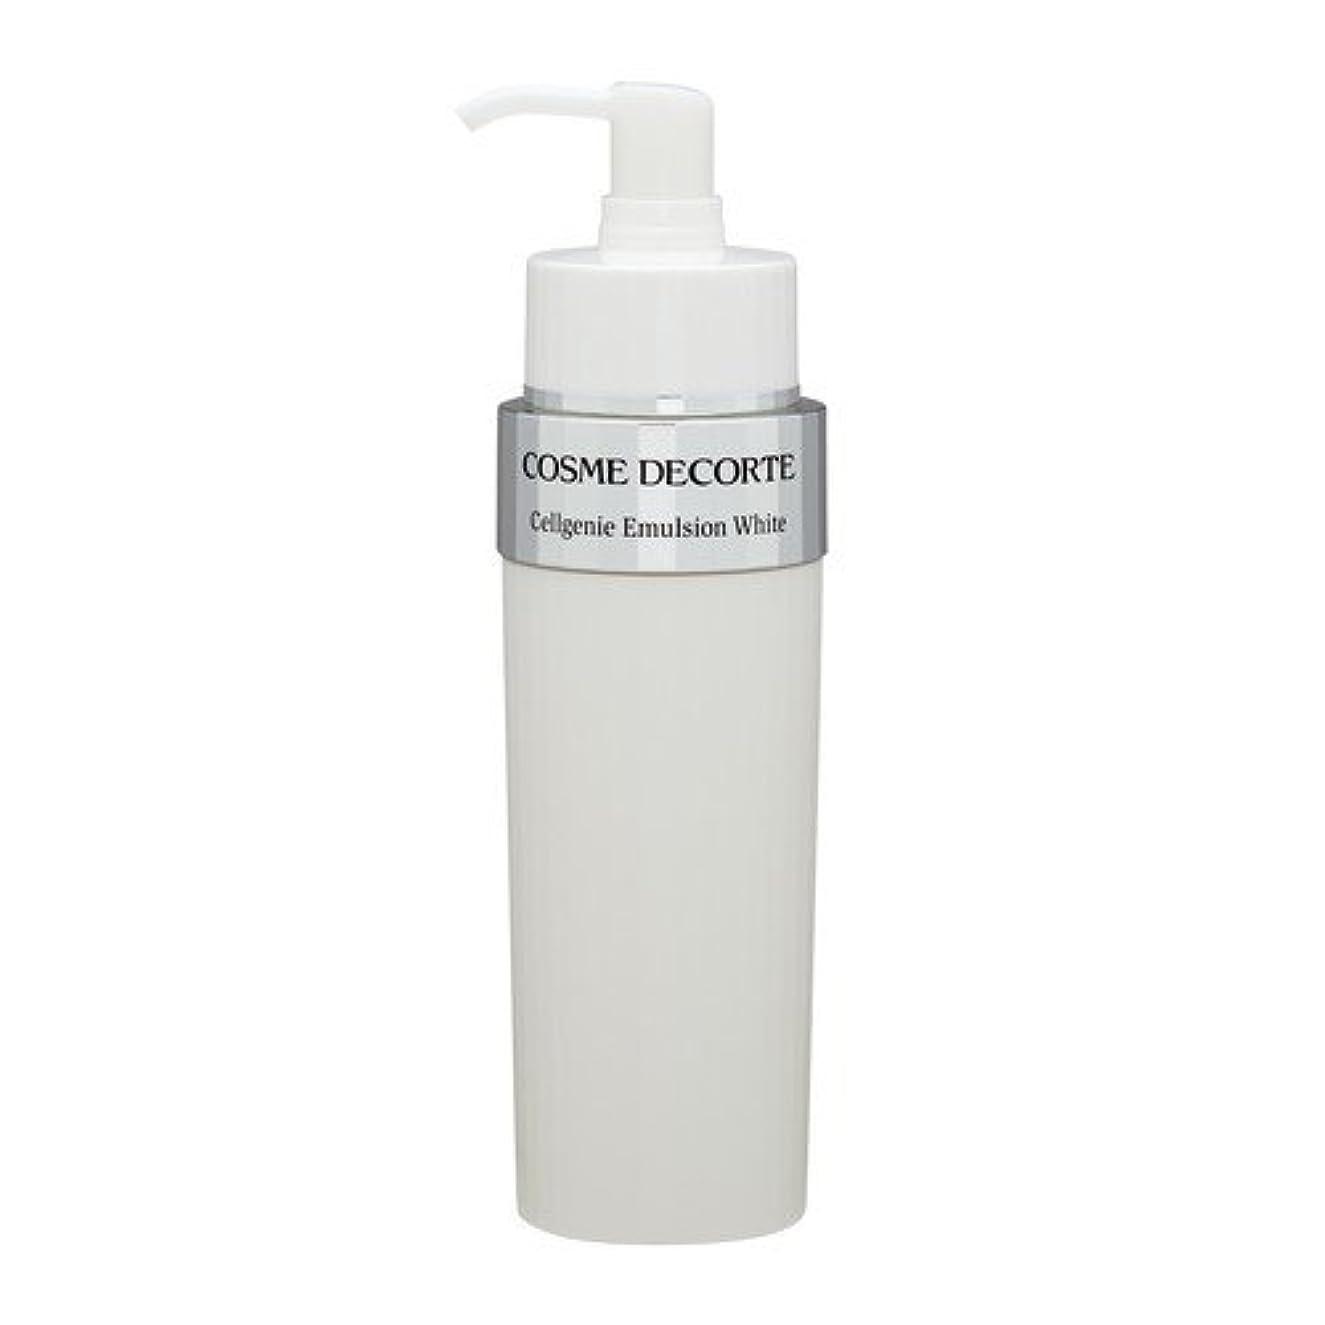 時期尚早汚染されたダイエットCOSME DECORTE コーセー/KOSE セルジェニーエマルジョンホワイト 200ml [362893] [並行輸入品]